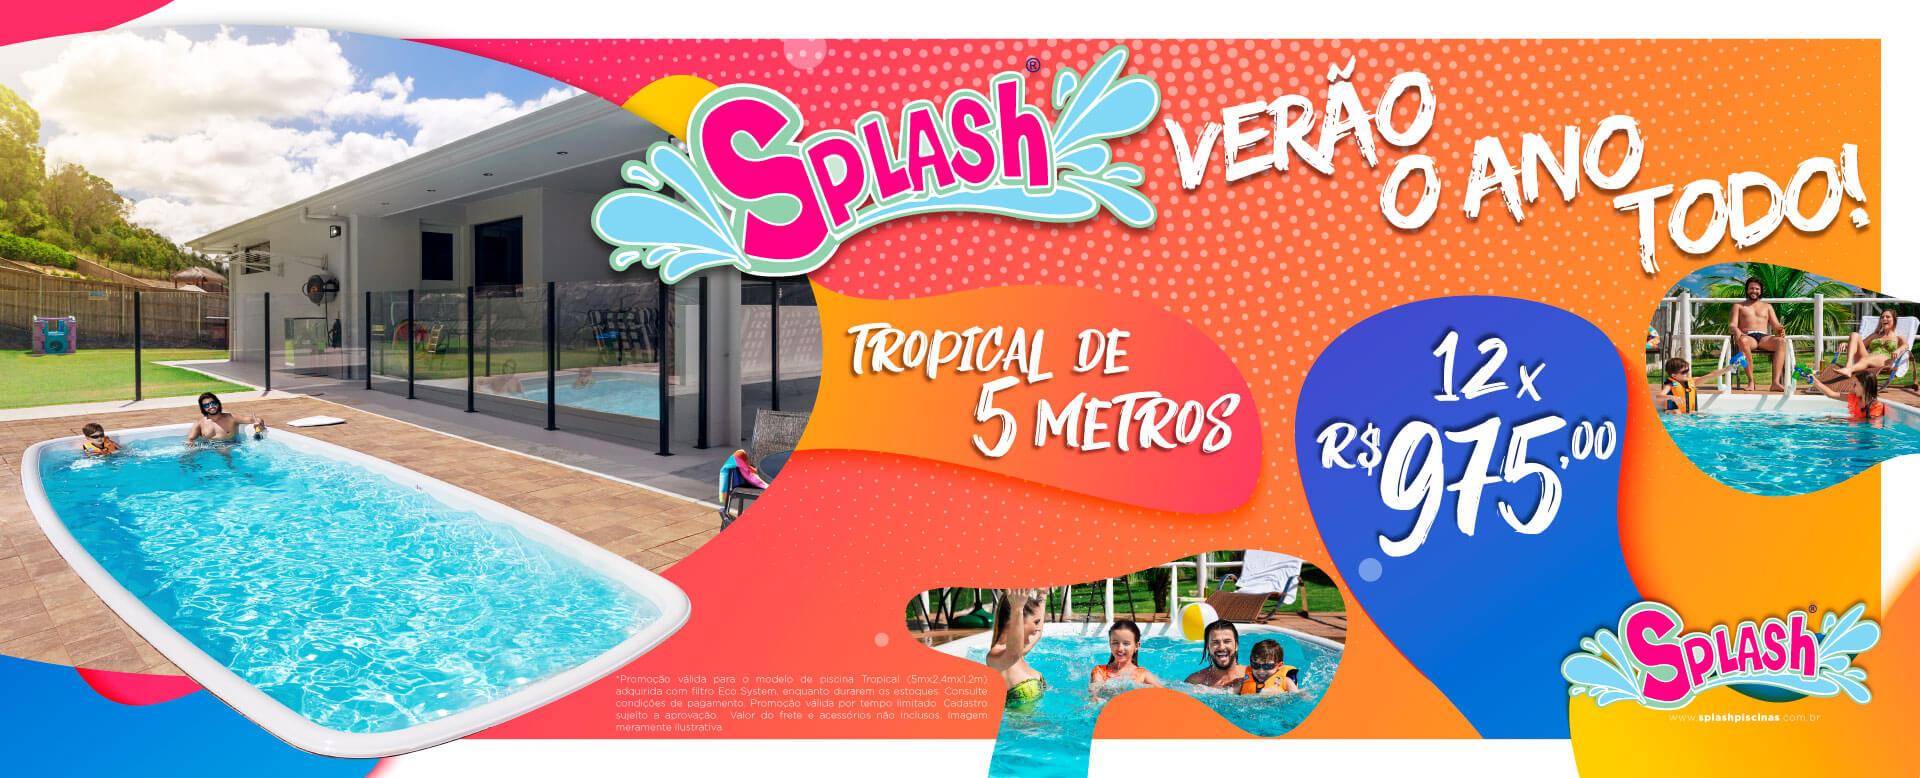 Promoção Tropical de 5 metros